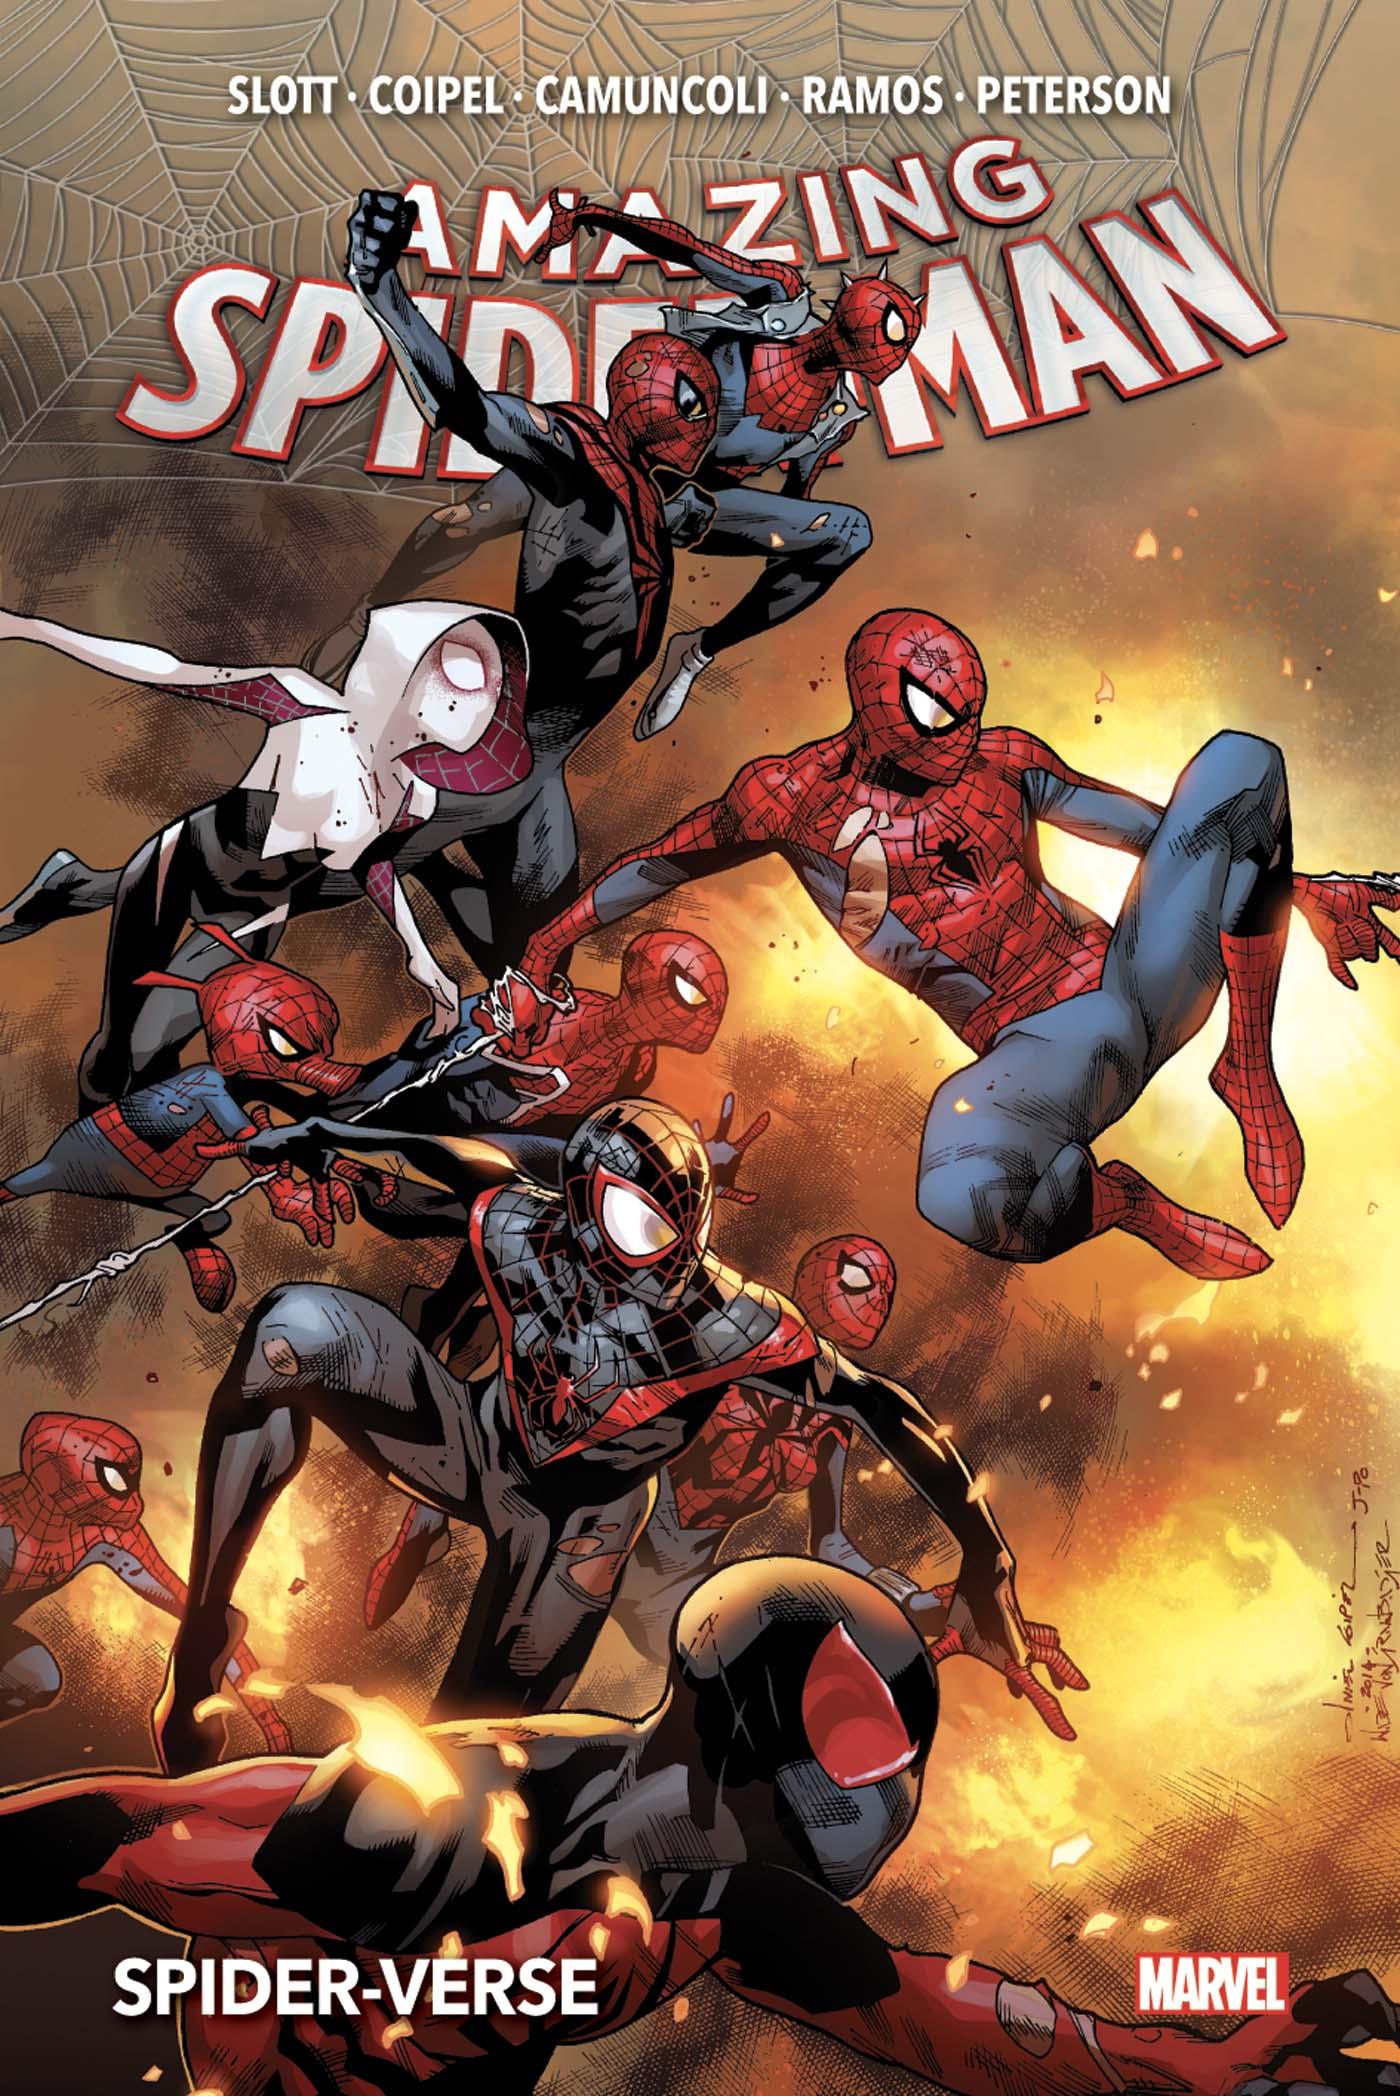 AMAZING SPIDER-MAN TOME 2 (NOW!) : SPIDER-VERSE (VF)